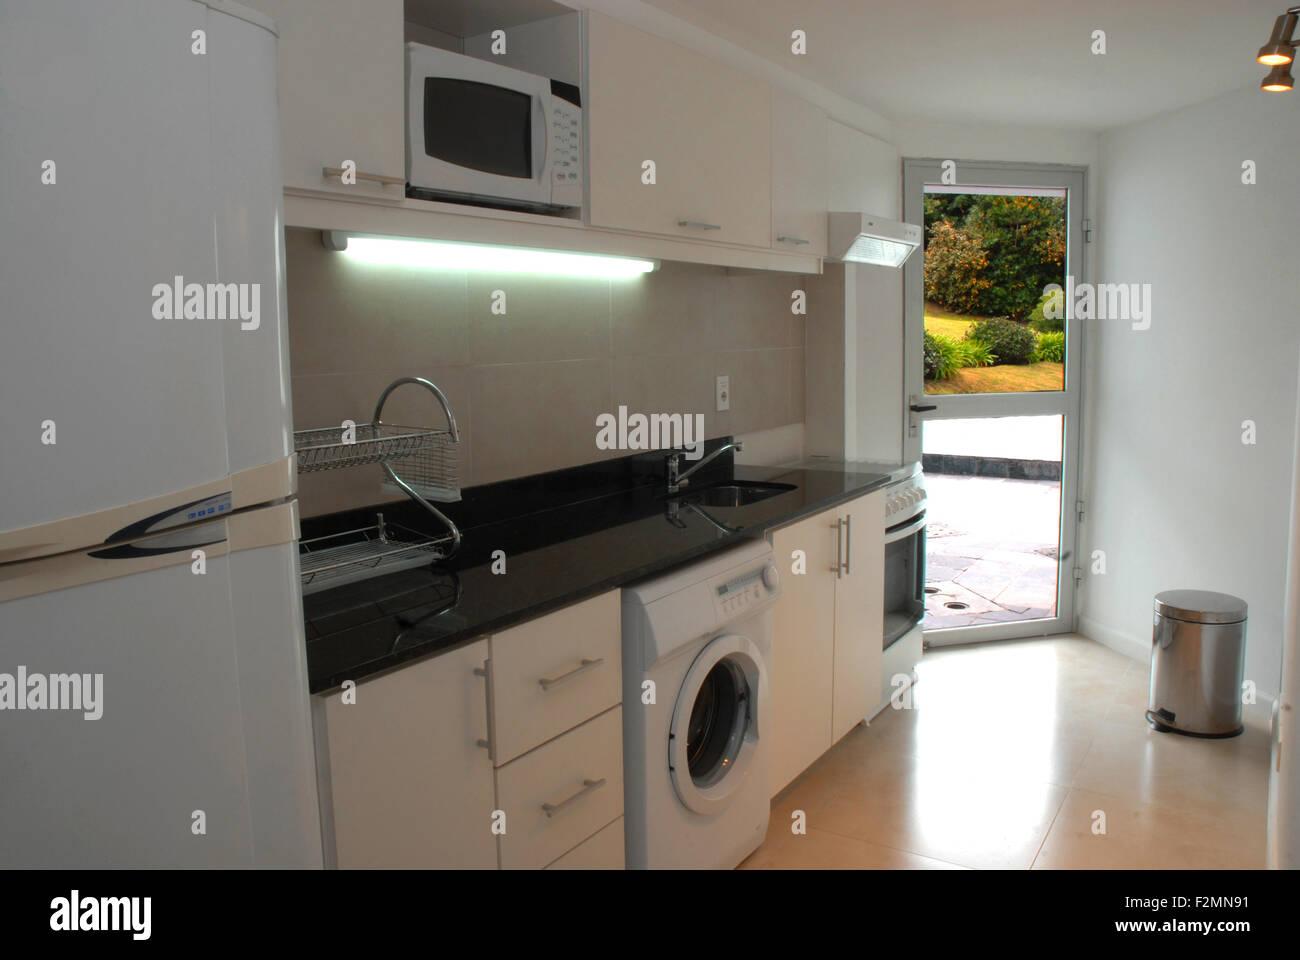 Modern Outdoor Kitchen Design Stockfotos & Modern Outdoor Kitchen ...